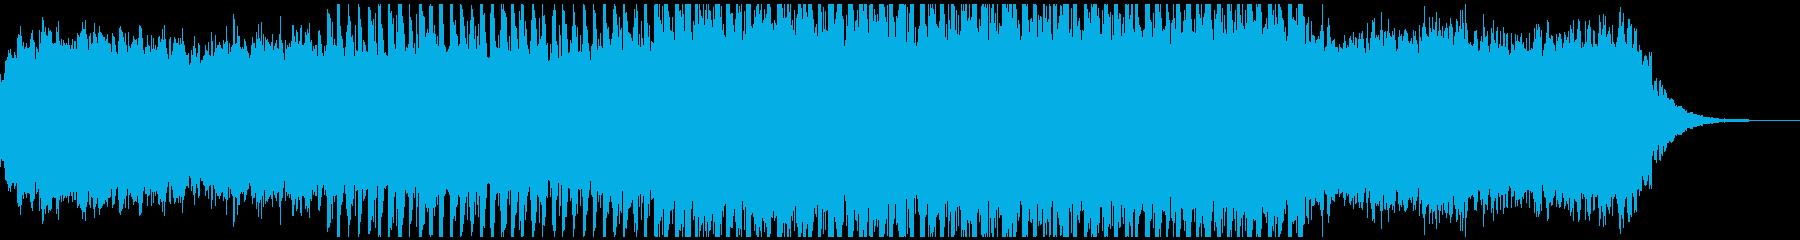 テクノポップなBGMの再生済みの波形